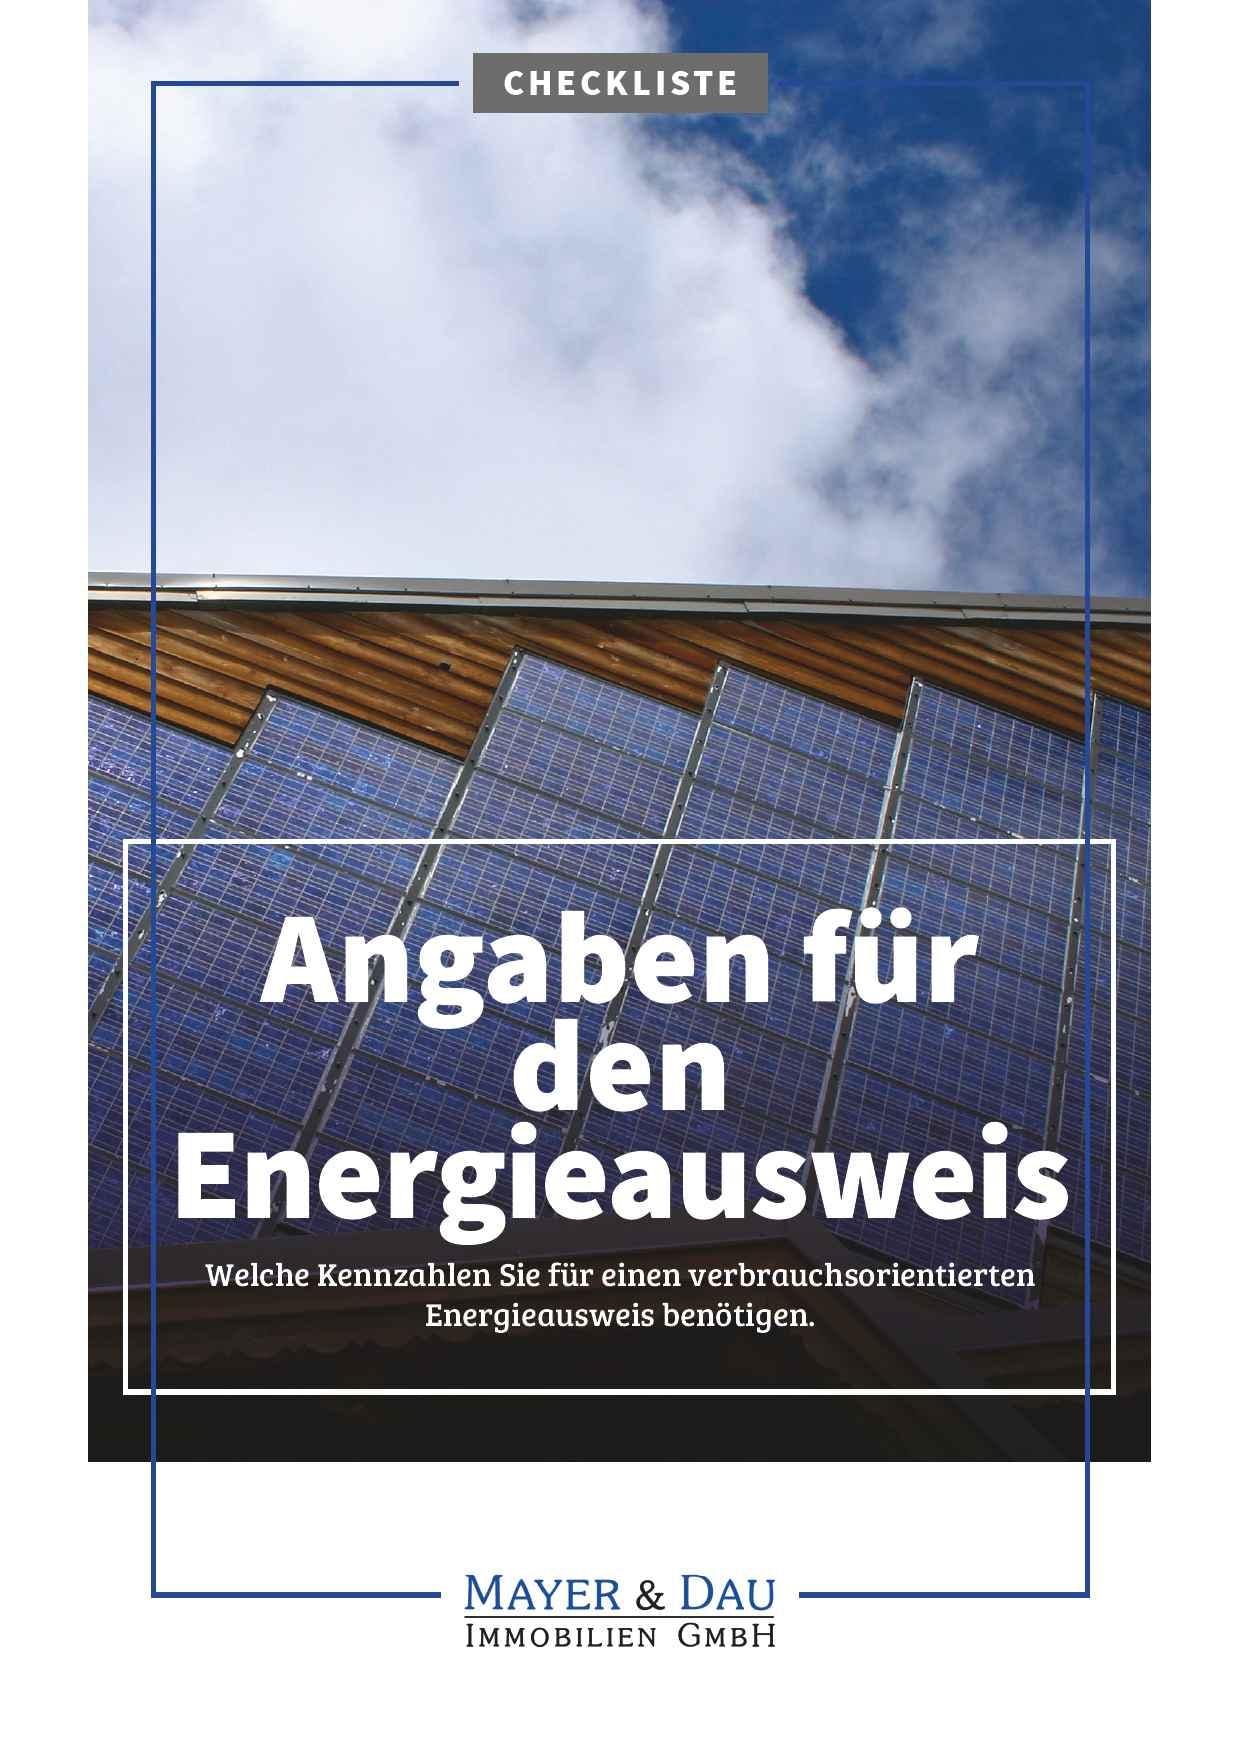 Mayer_und_Dau_Verbrauchsorientierter_Energieausweis_Cover